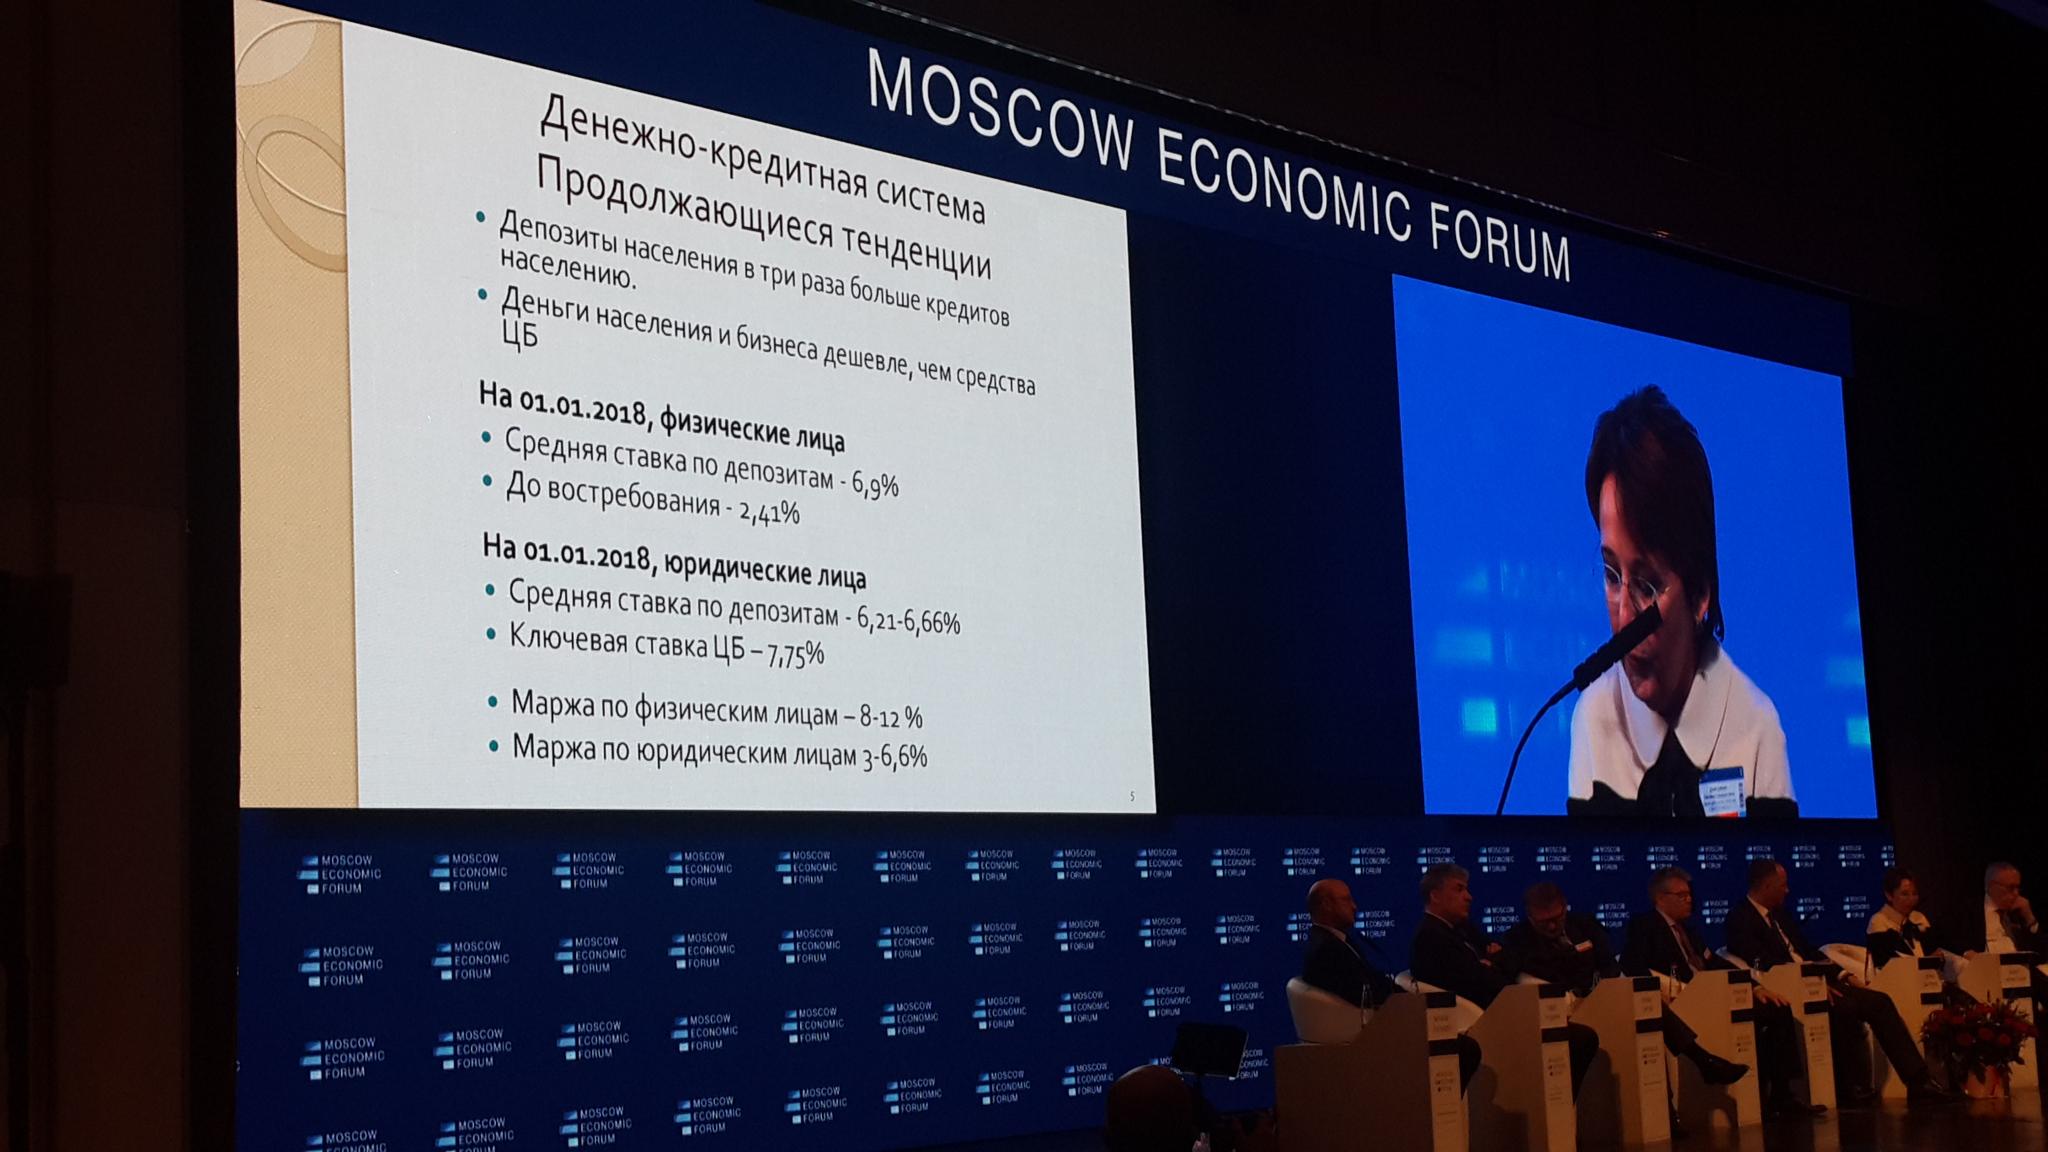 Московский экономический форум-2018 всколыхнул ведомства, ученых, сельхозпроизводителей